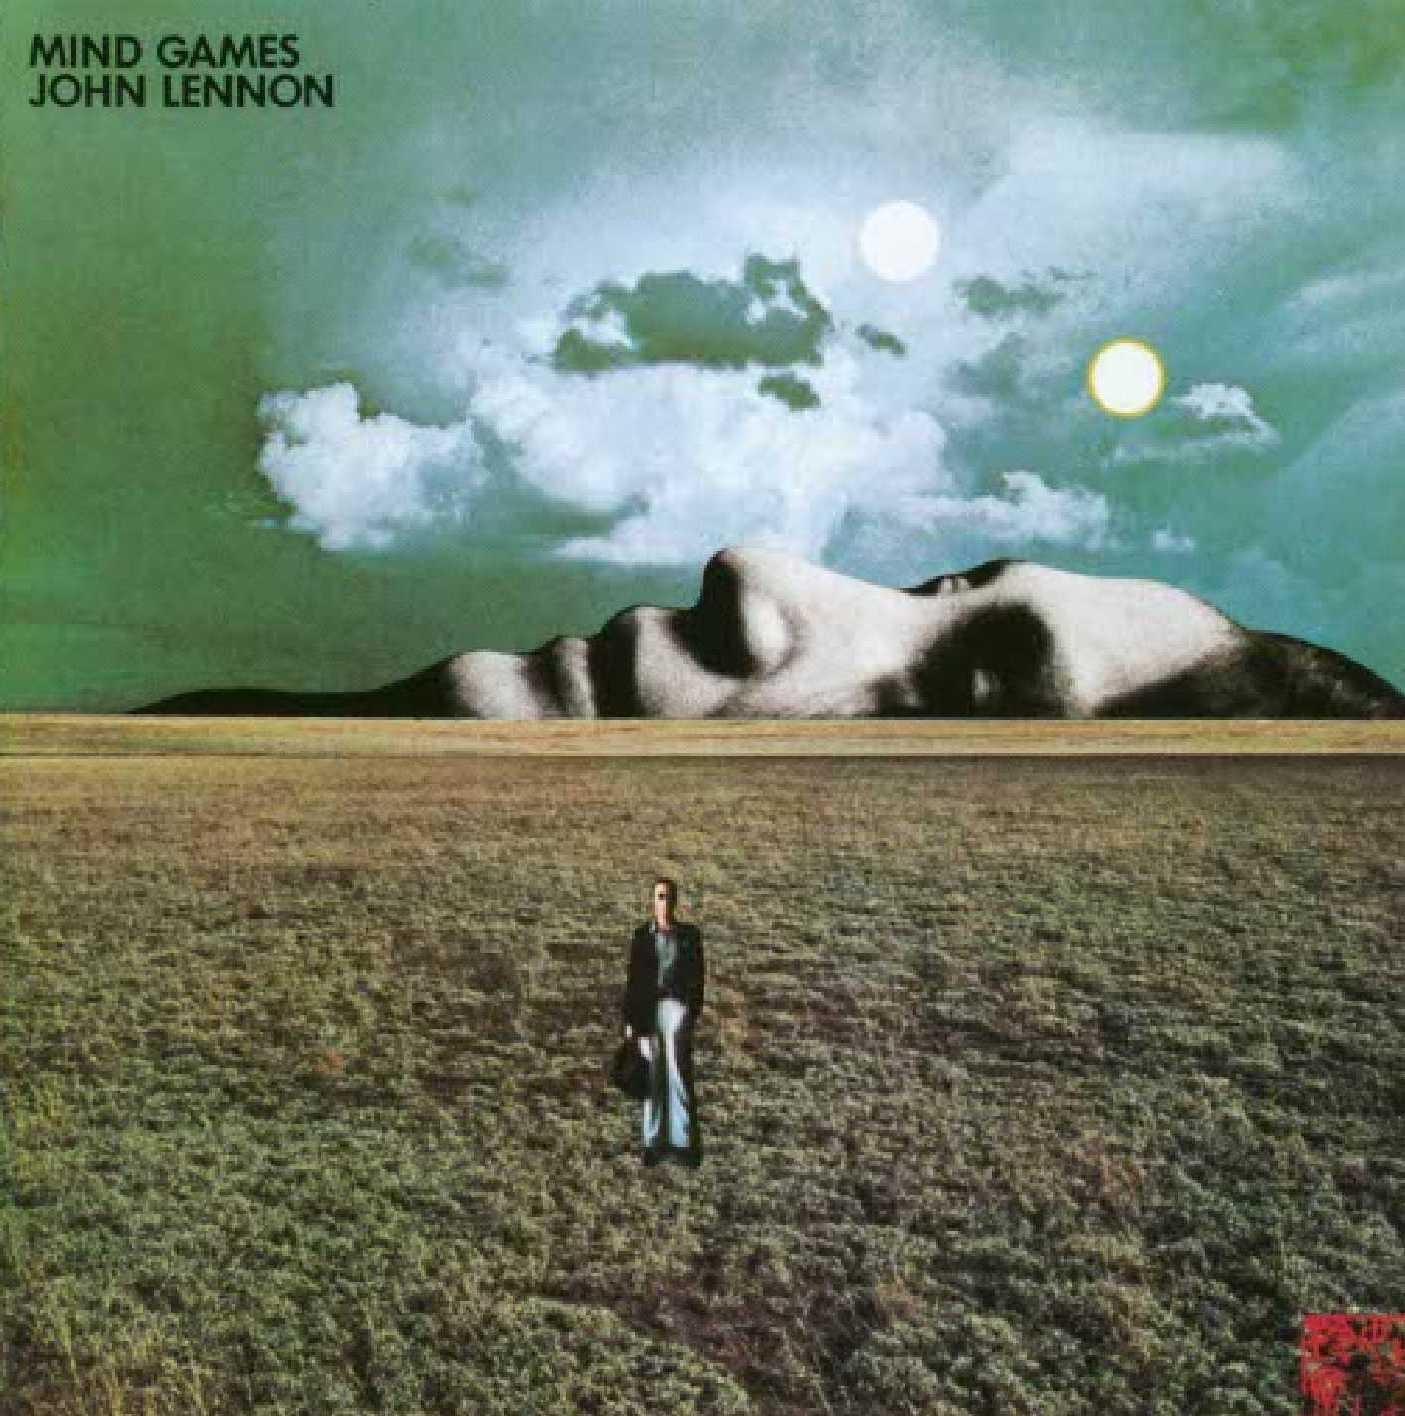 John-Lennon_1973-Mind-Games.jpg